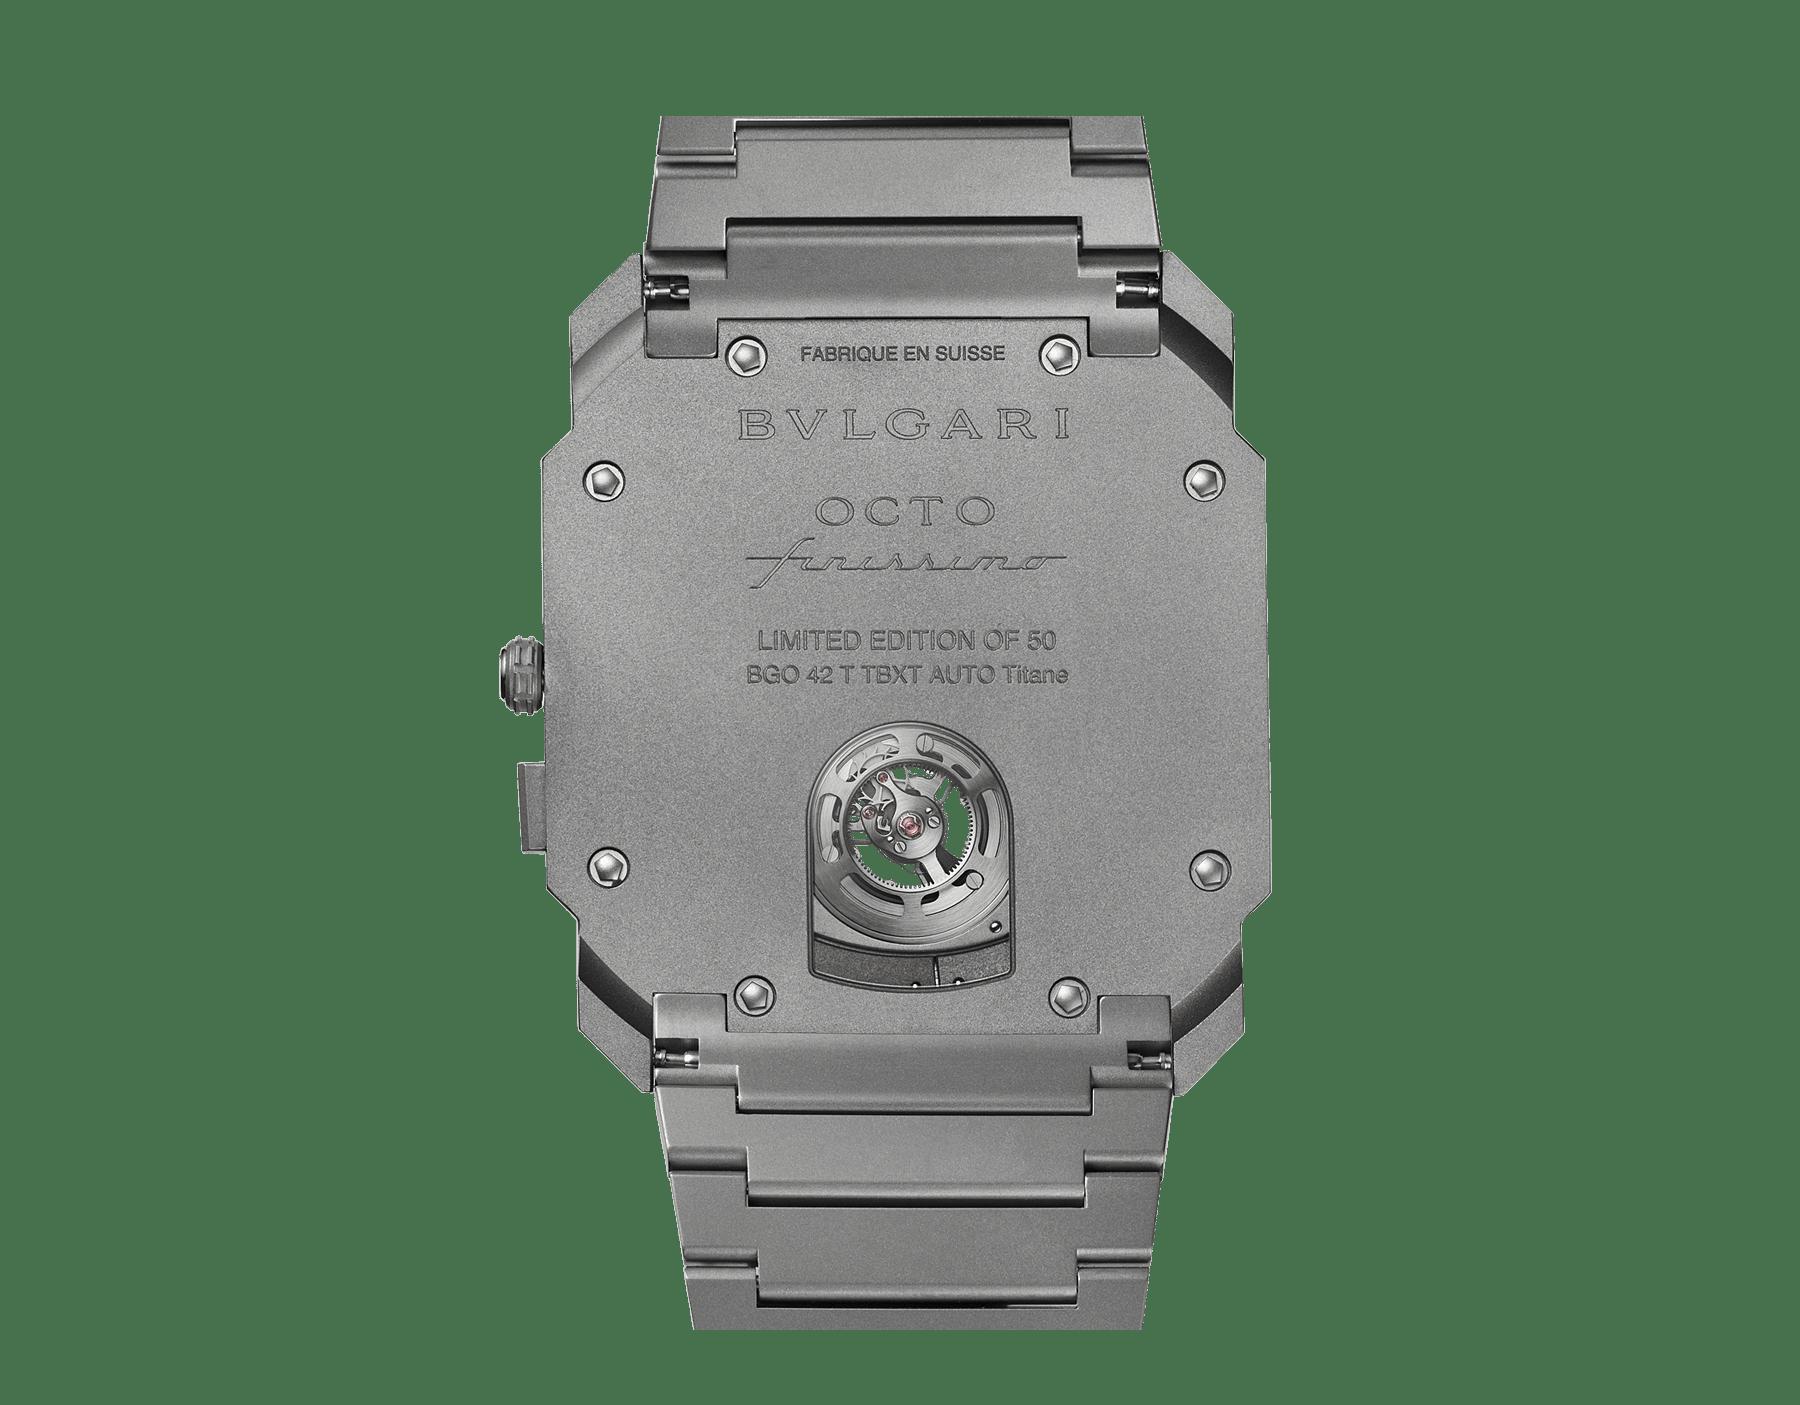 Octo Finissimo自动上链陀飞轮腕表,搭载品牌自制的机械机芯,超薄飞行陀飞轮,特制滚珠轴承系统,喷砂处理超薄钛金属表壳和表链, 喷砂处理镂空钛金属表盘 102937 image 3